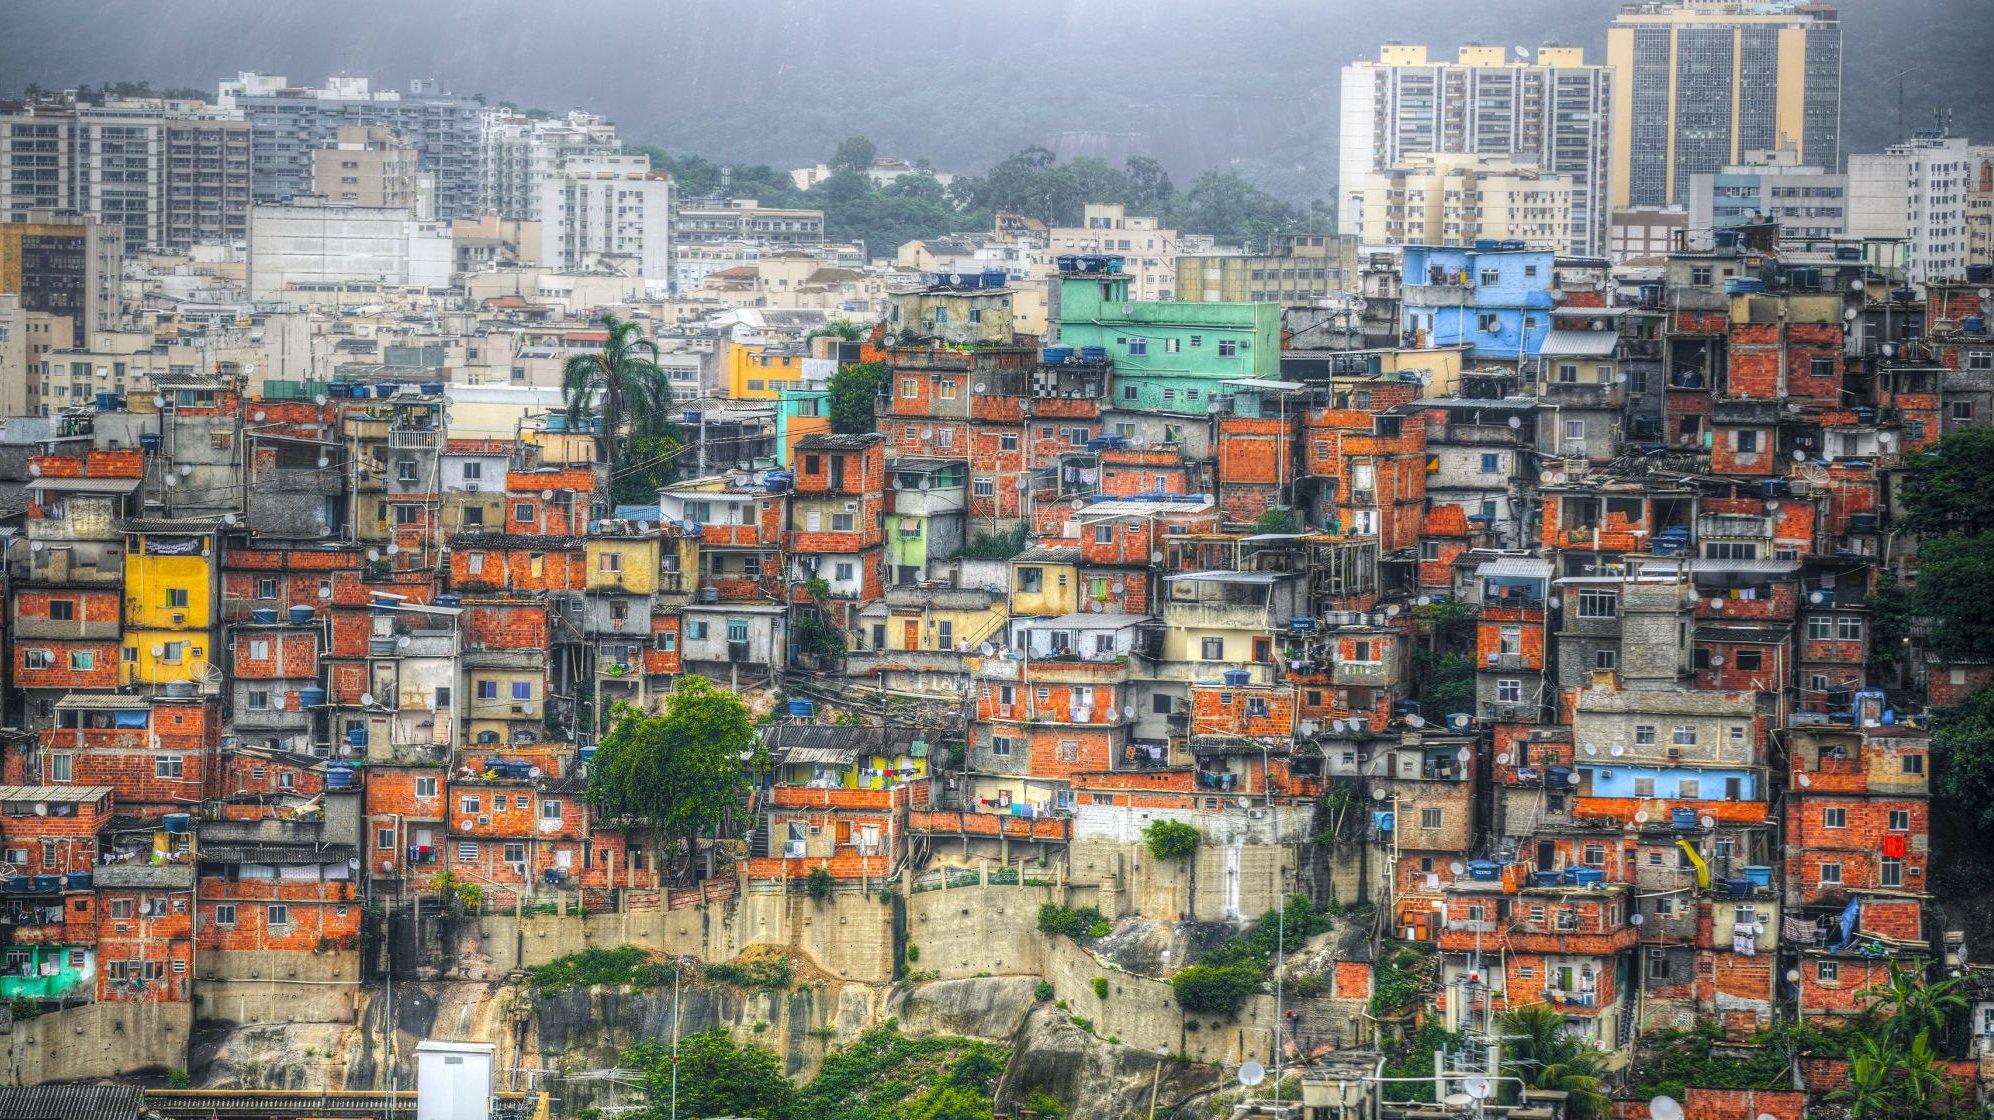 Der er store forskelle mellem rig og fattig i verden. Her i São Paulo i Brasilien er kontrasten tydelig med slumbyggeri i forgrunden og de langt rigere kvarterer i baggrunden.